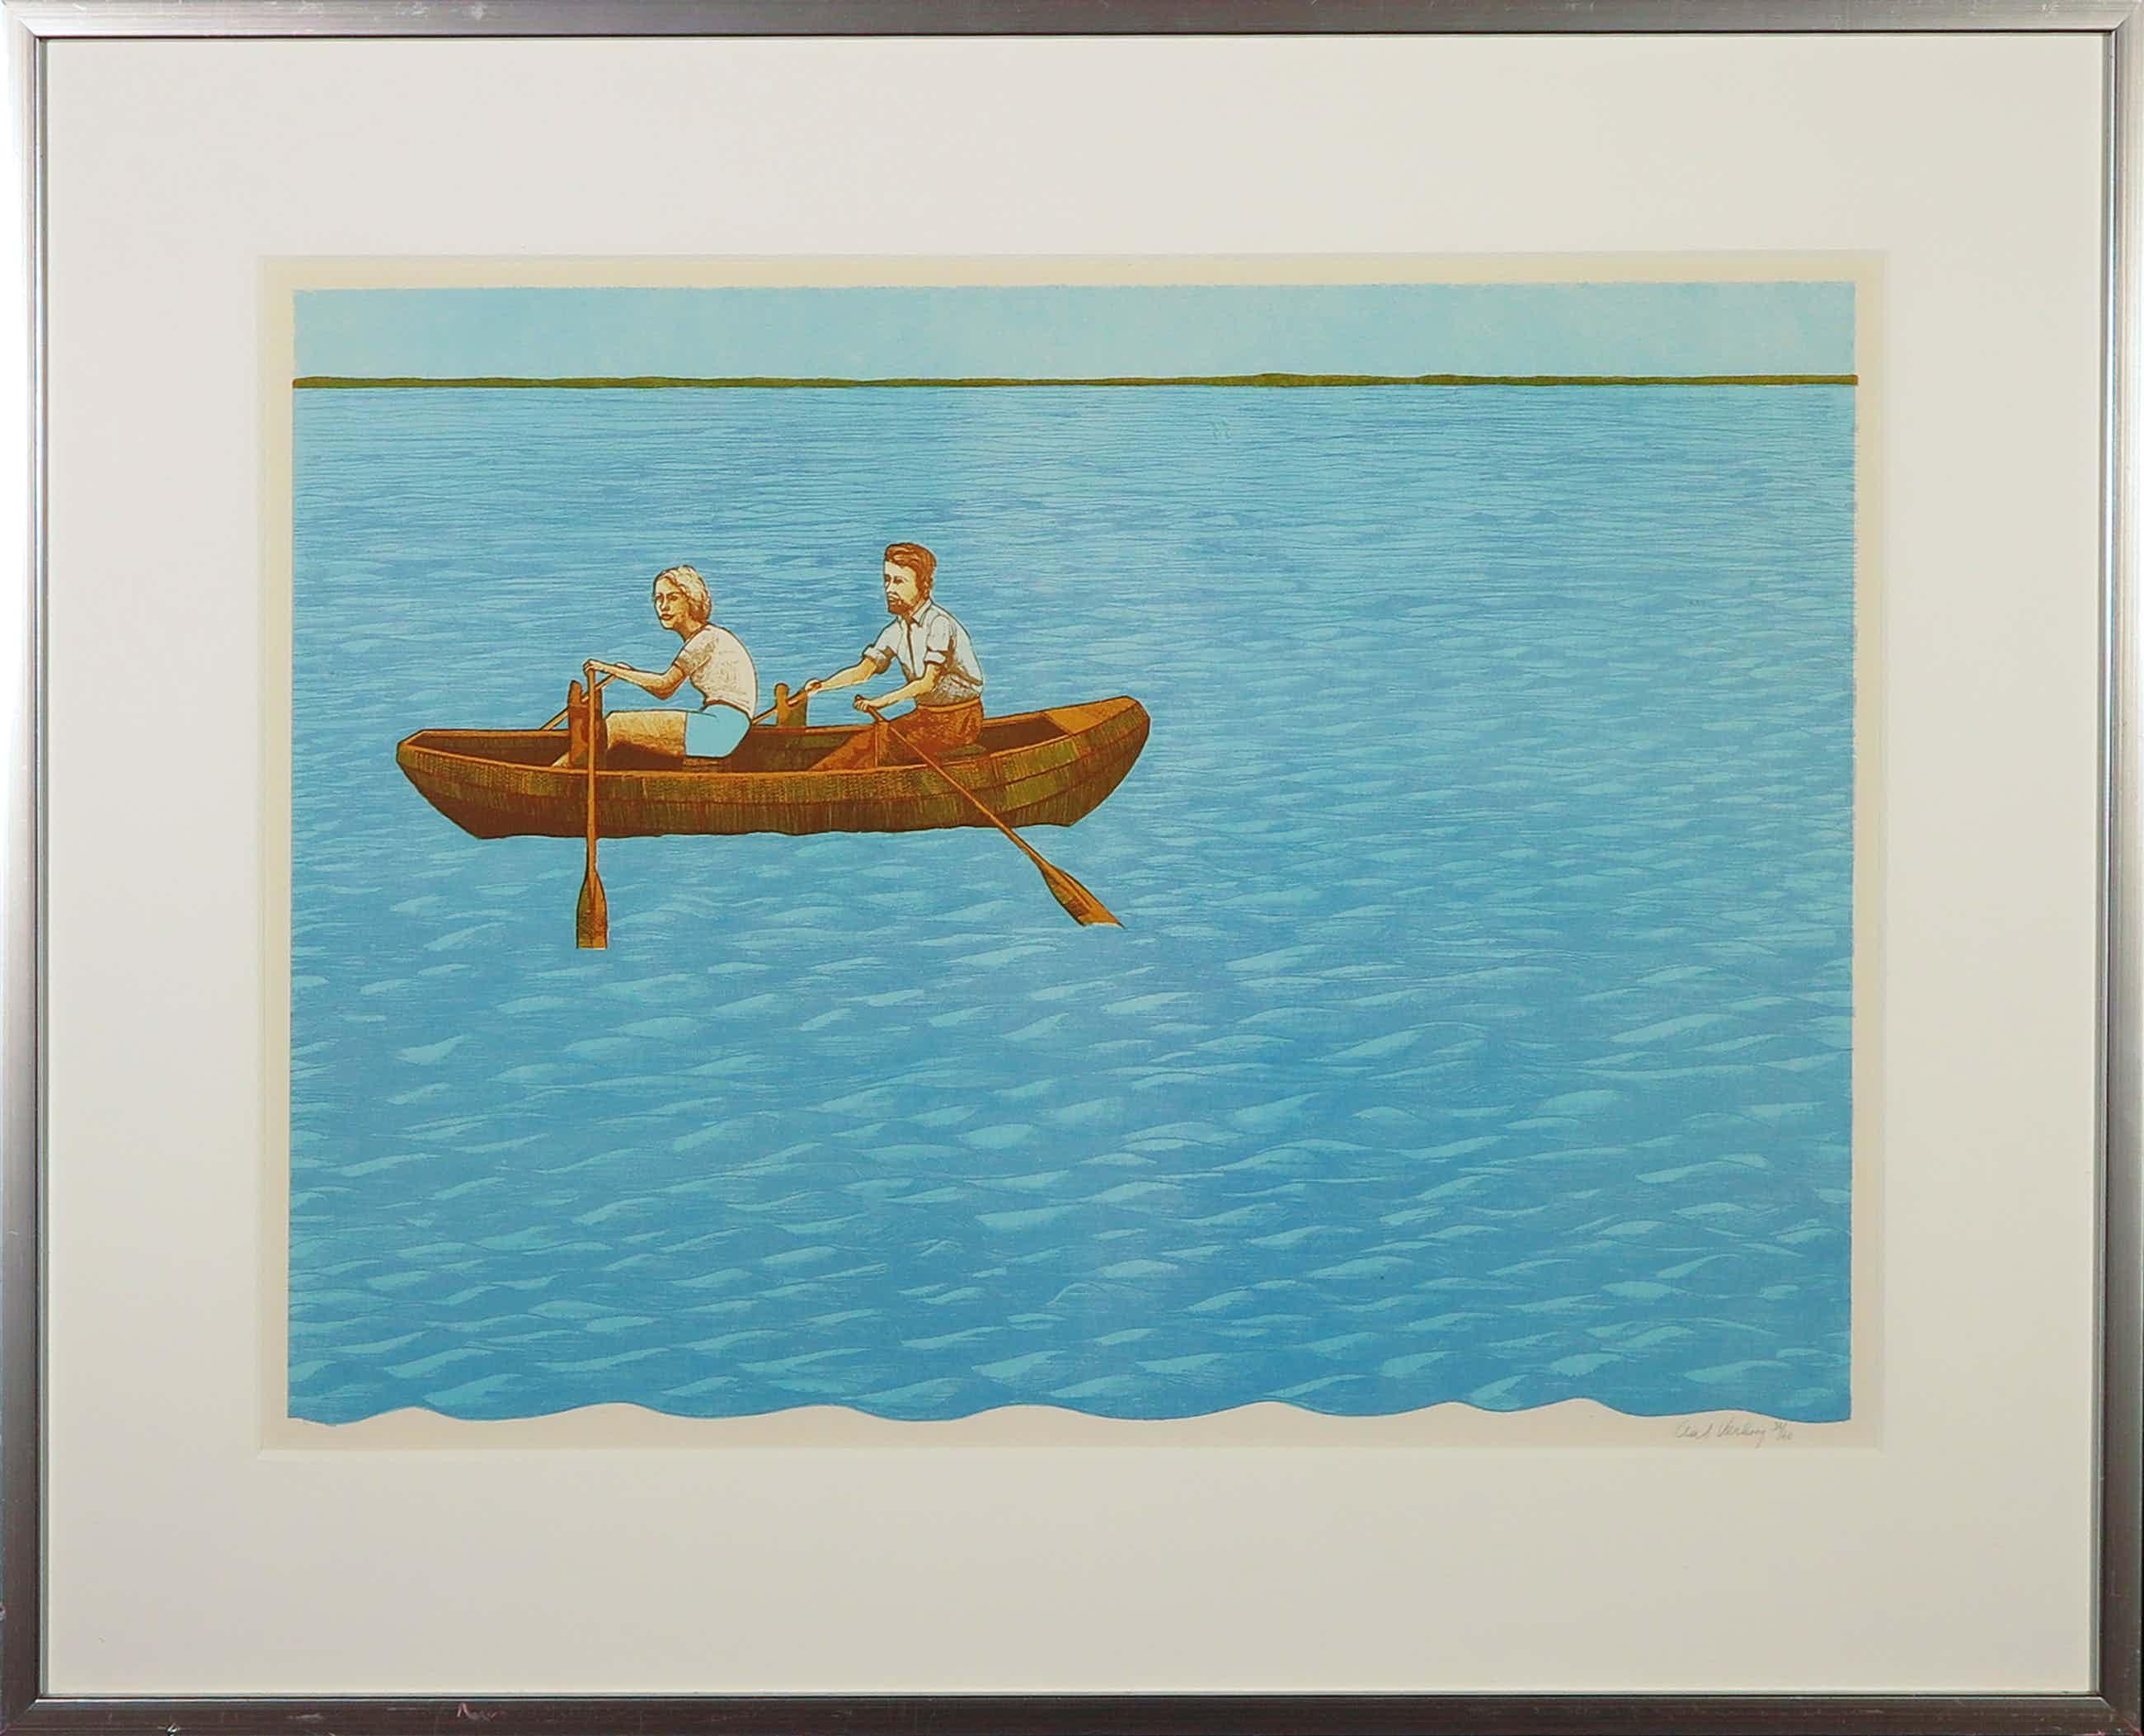 Aat Verhoog - Litho, Man en vrouw in een bootje - Ingelijst kopen? Bied vanaf 40!